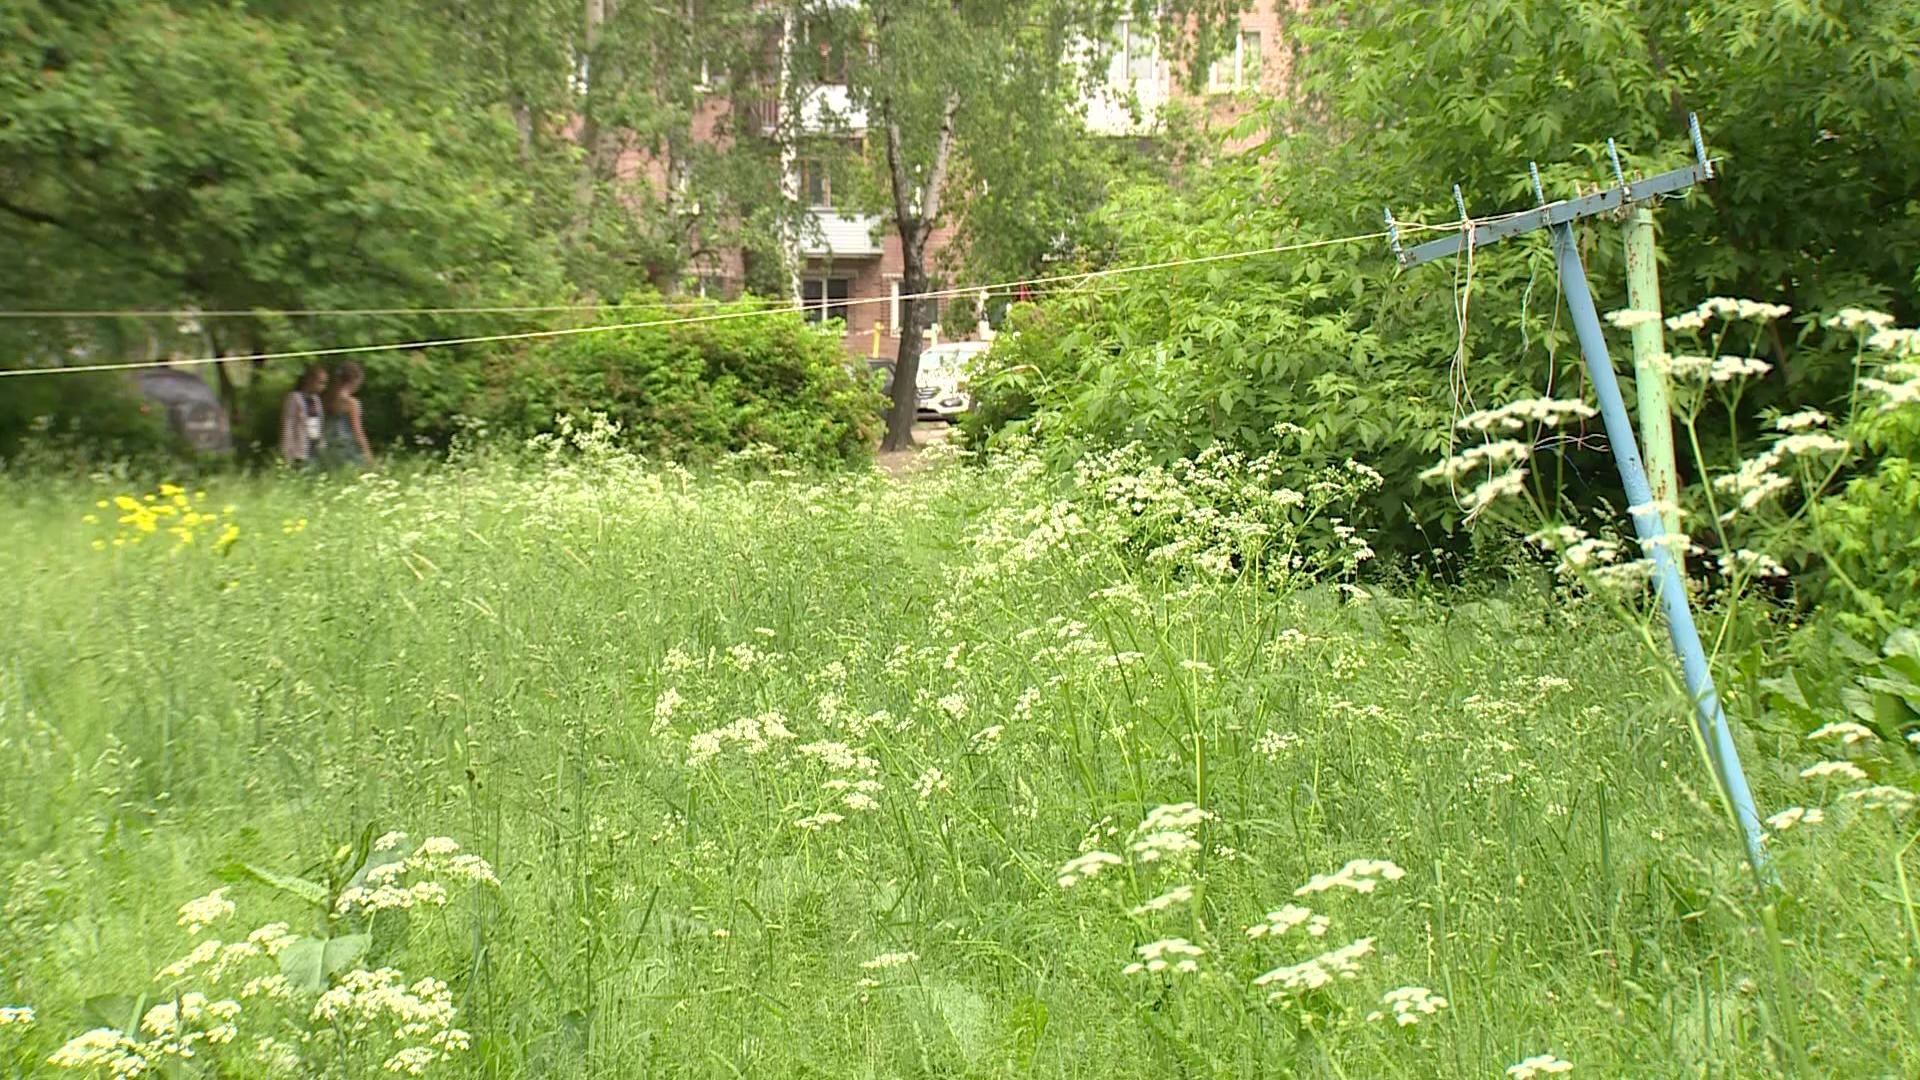 Ярославцы жалуются на джунгли под окнами: кто отвечает за покос травы во дворах